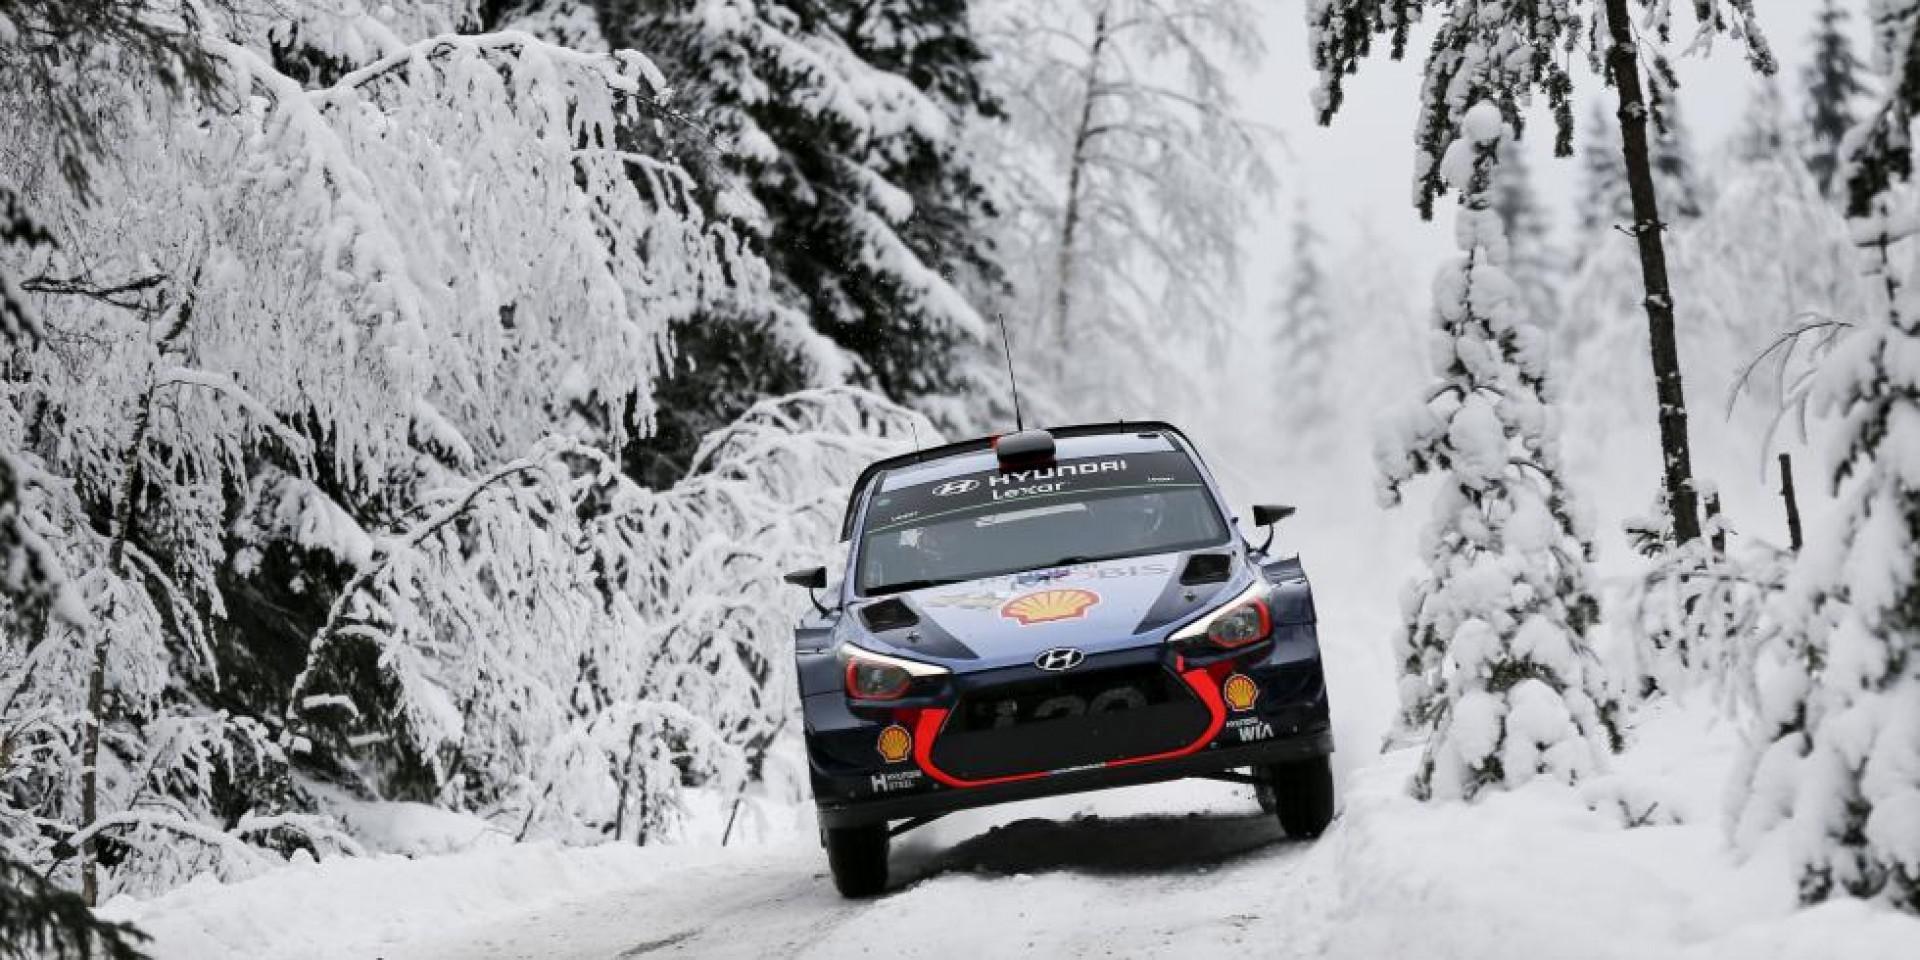 Rallye de suède : Thierry Neuville abandonne, Latvala en tête du classement